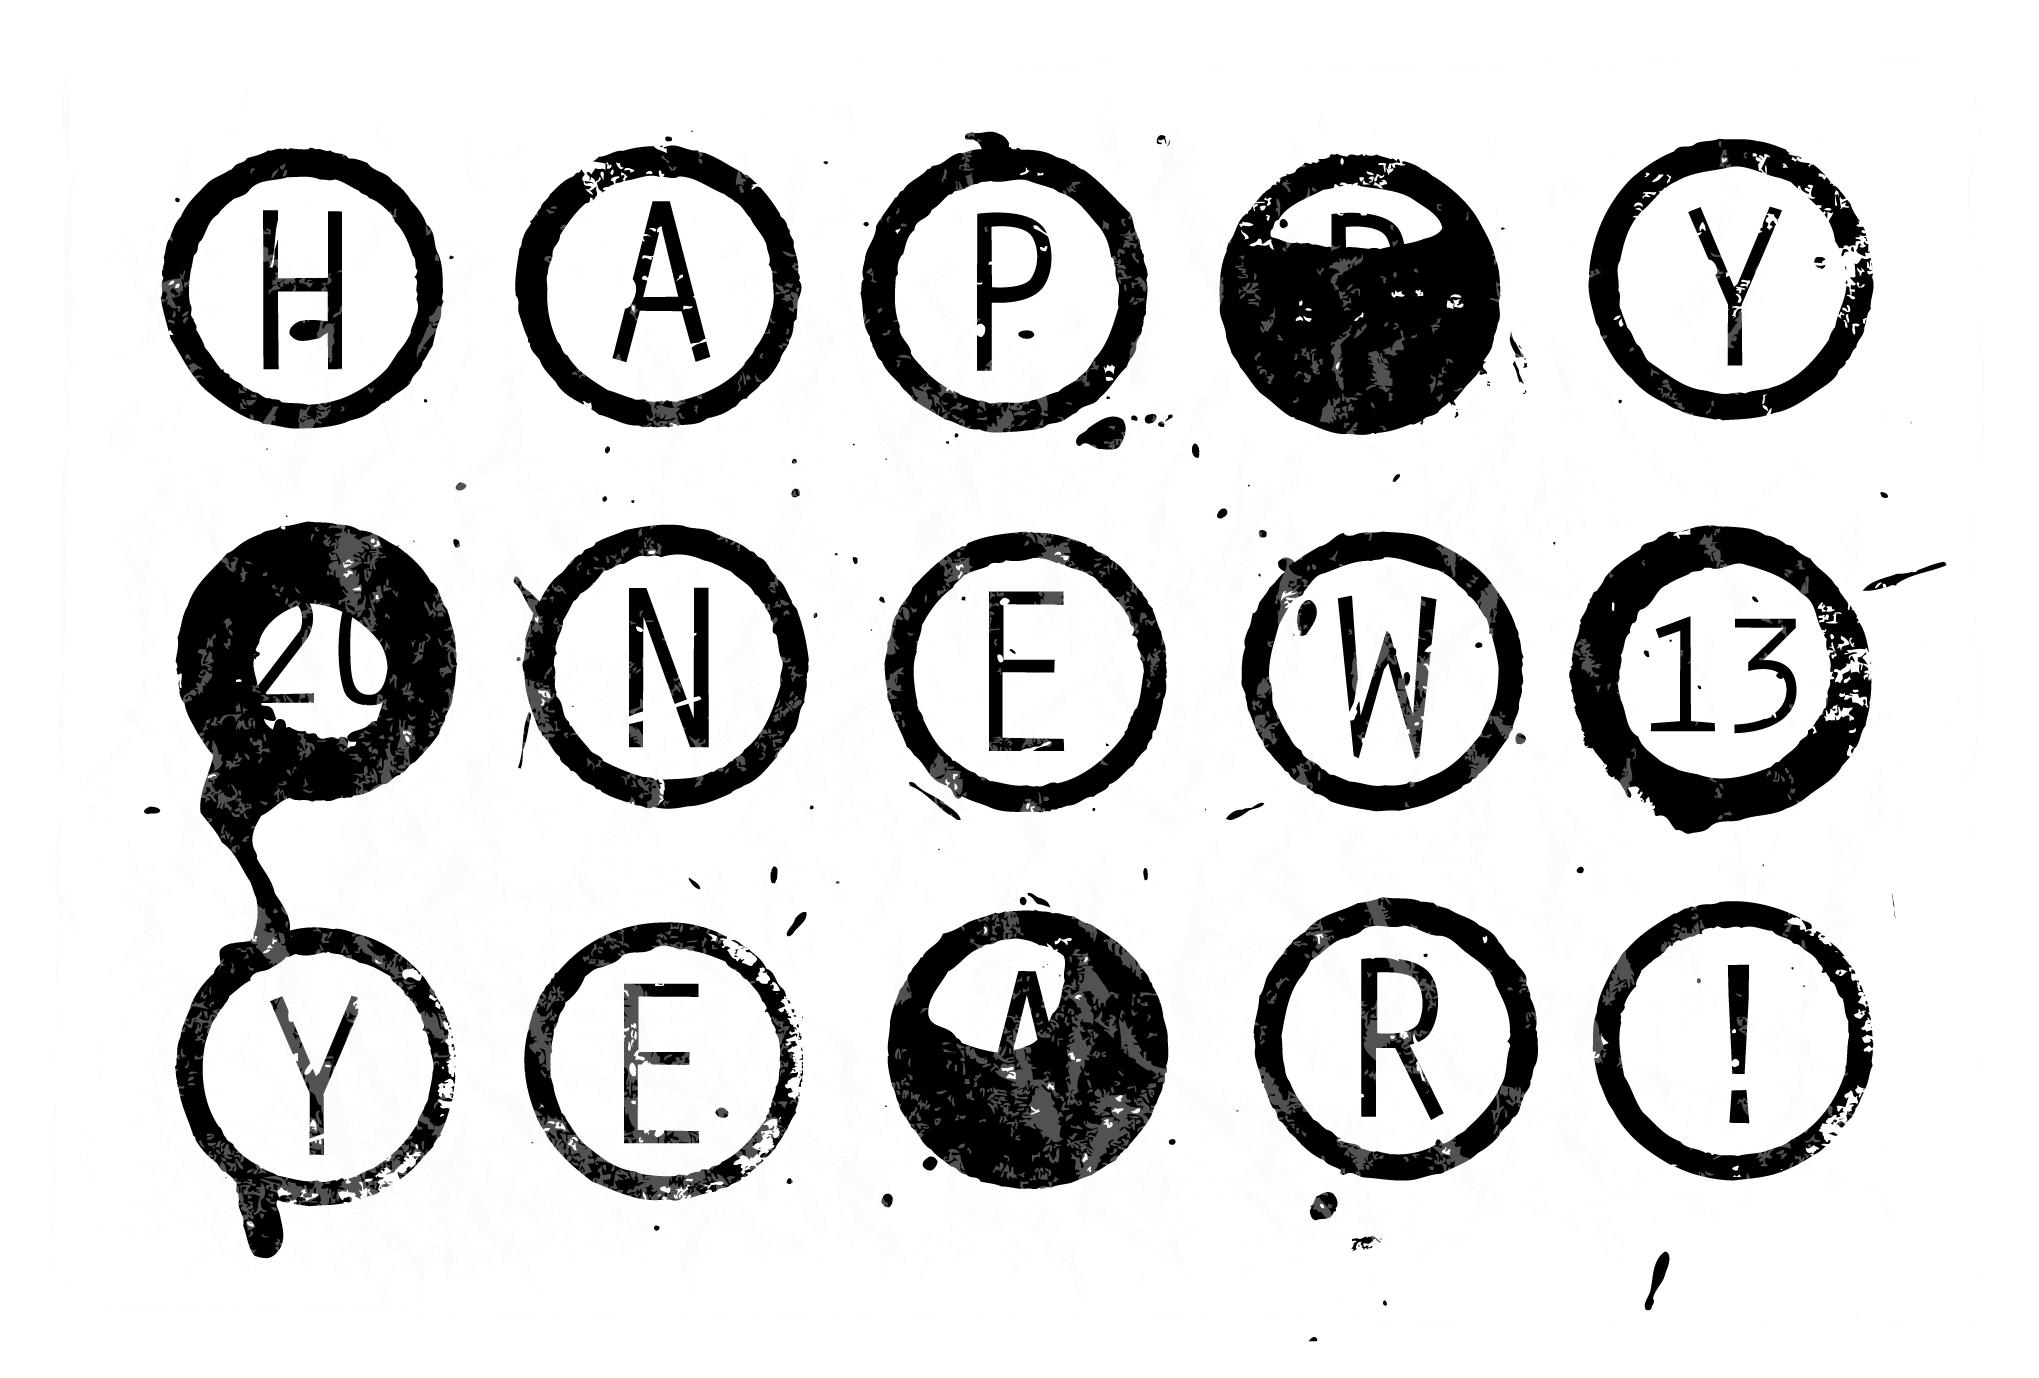 2013年賀状02-2:Circle 2013 / 2のダウンロード画像